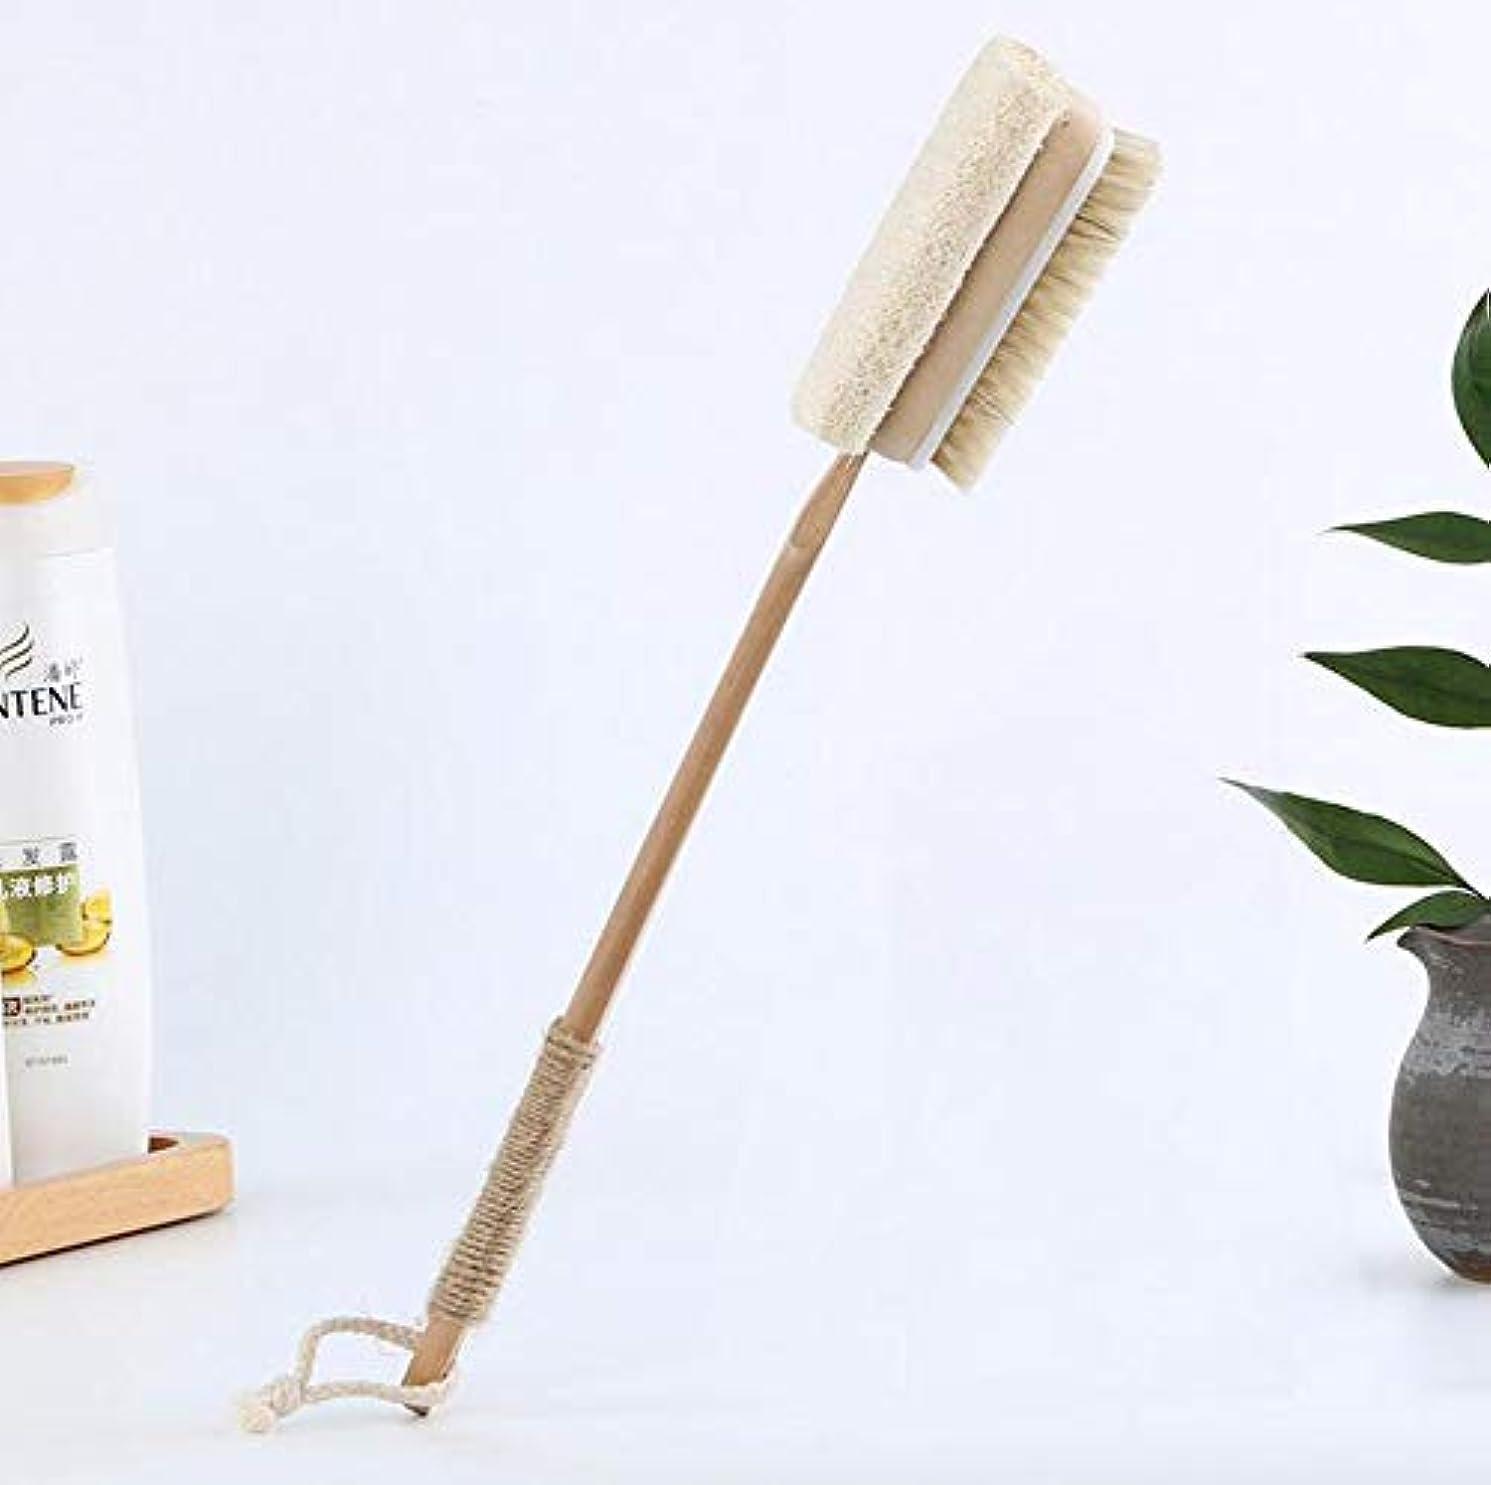 チャンピオンジム領事館バスブラシ、長い木製ハンドルドライブラシボディブラシバスブラシ長いハンドル、皮膚やセルライトを剥離するため、ウェットまたはドライ使用